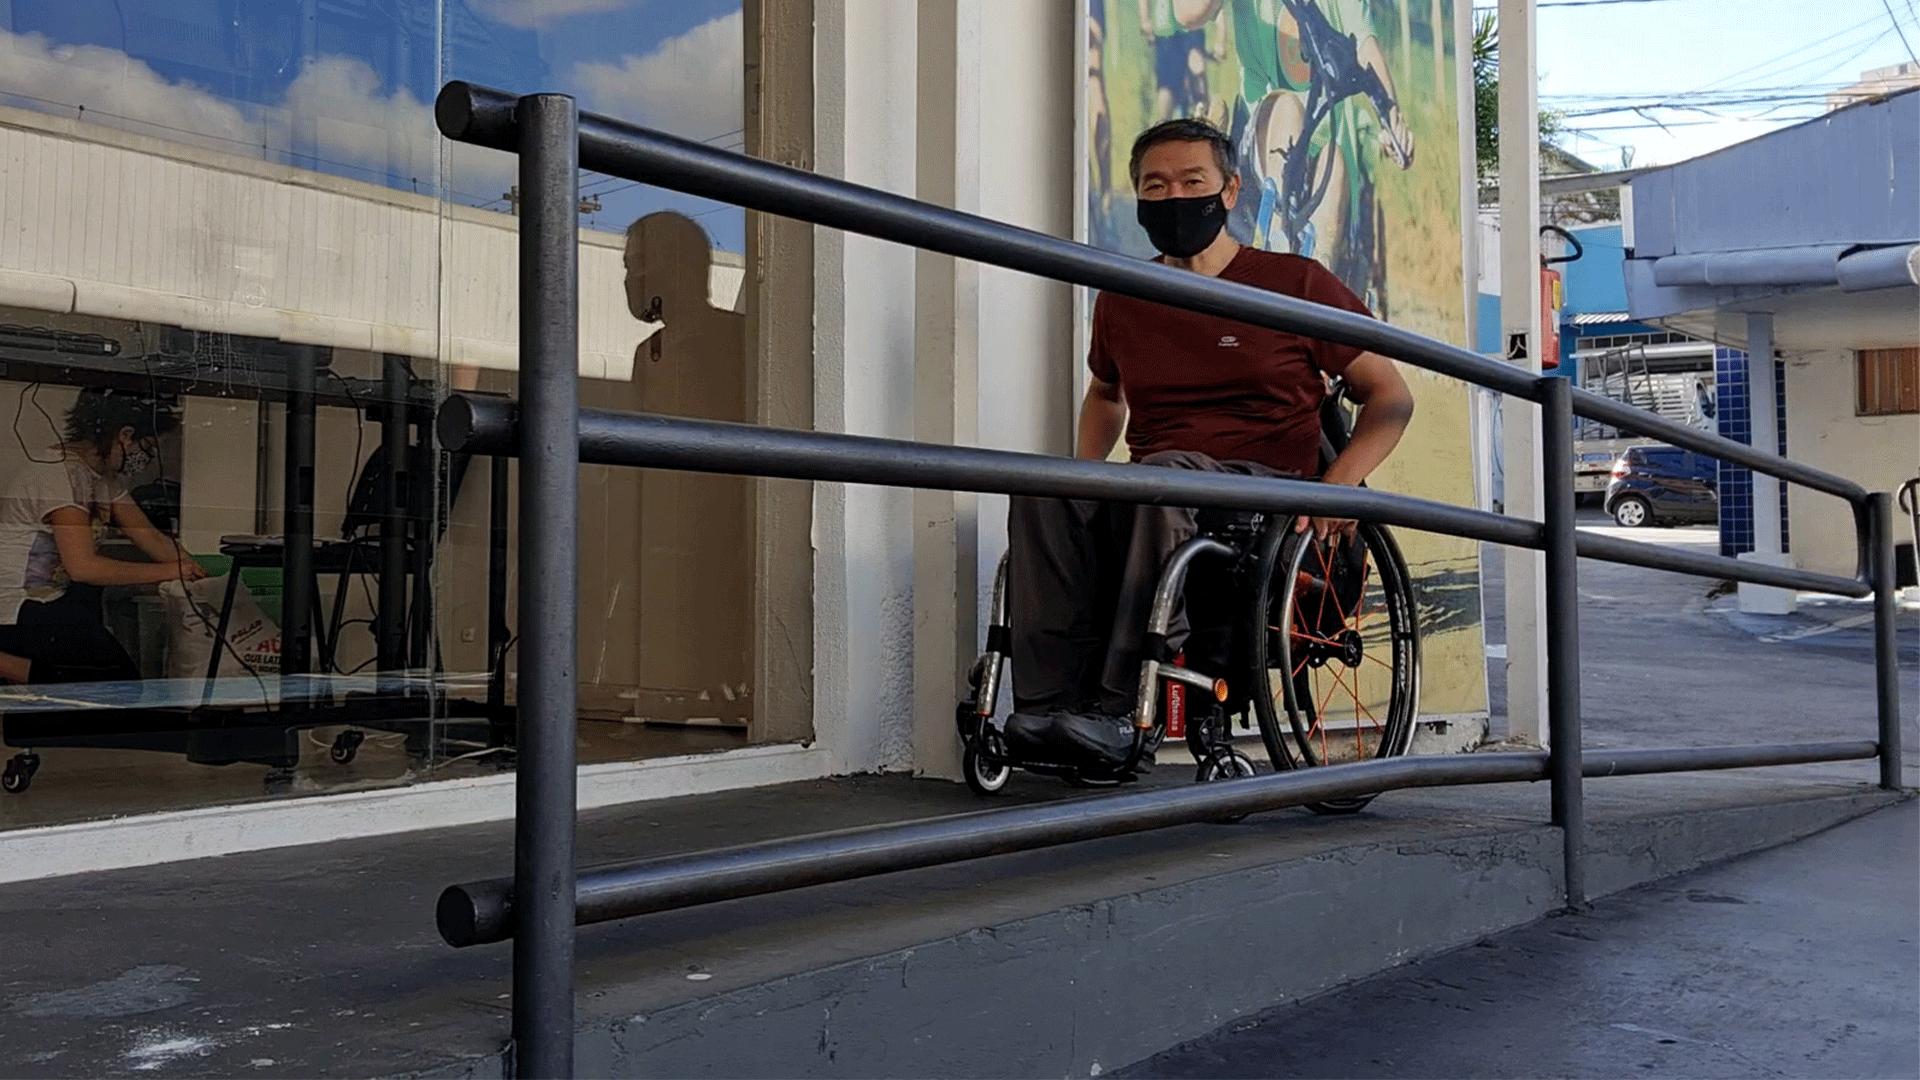 Man climbs CN Tower steps in wheelchair